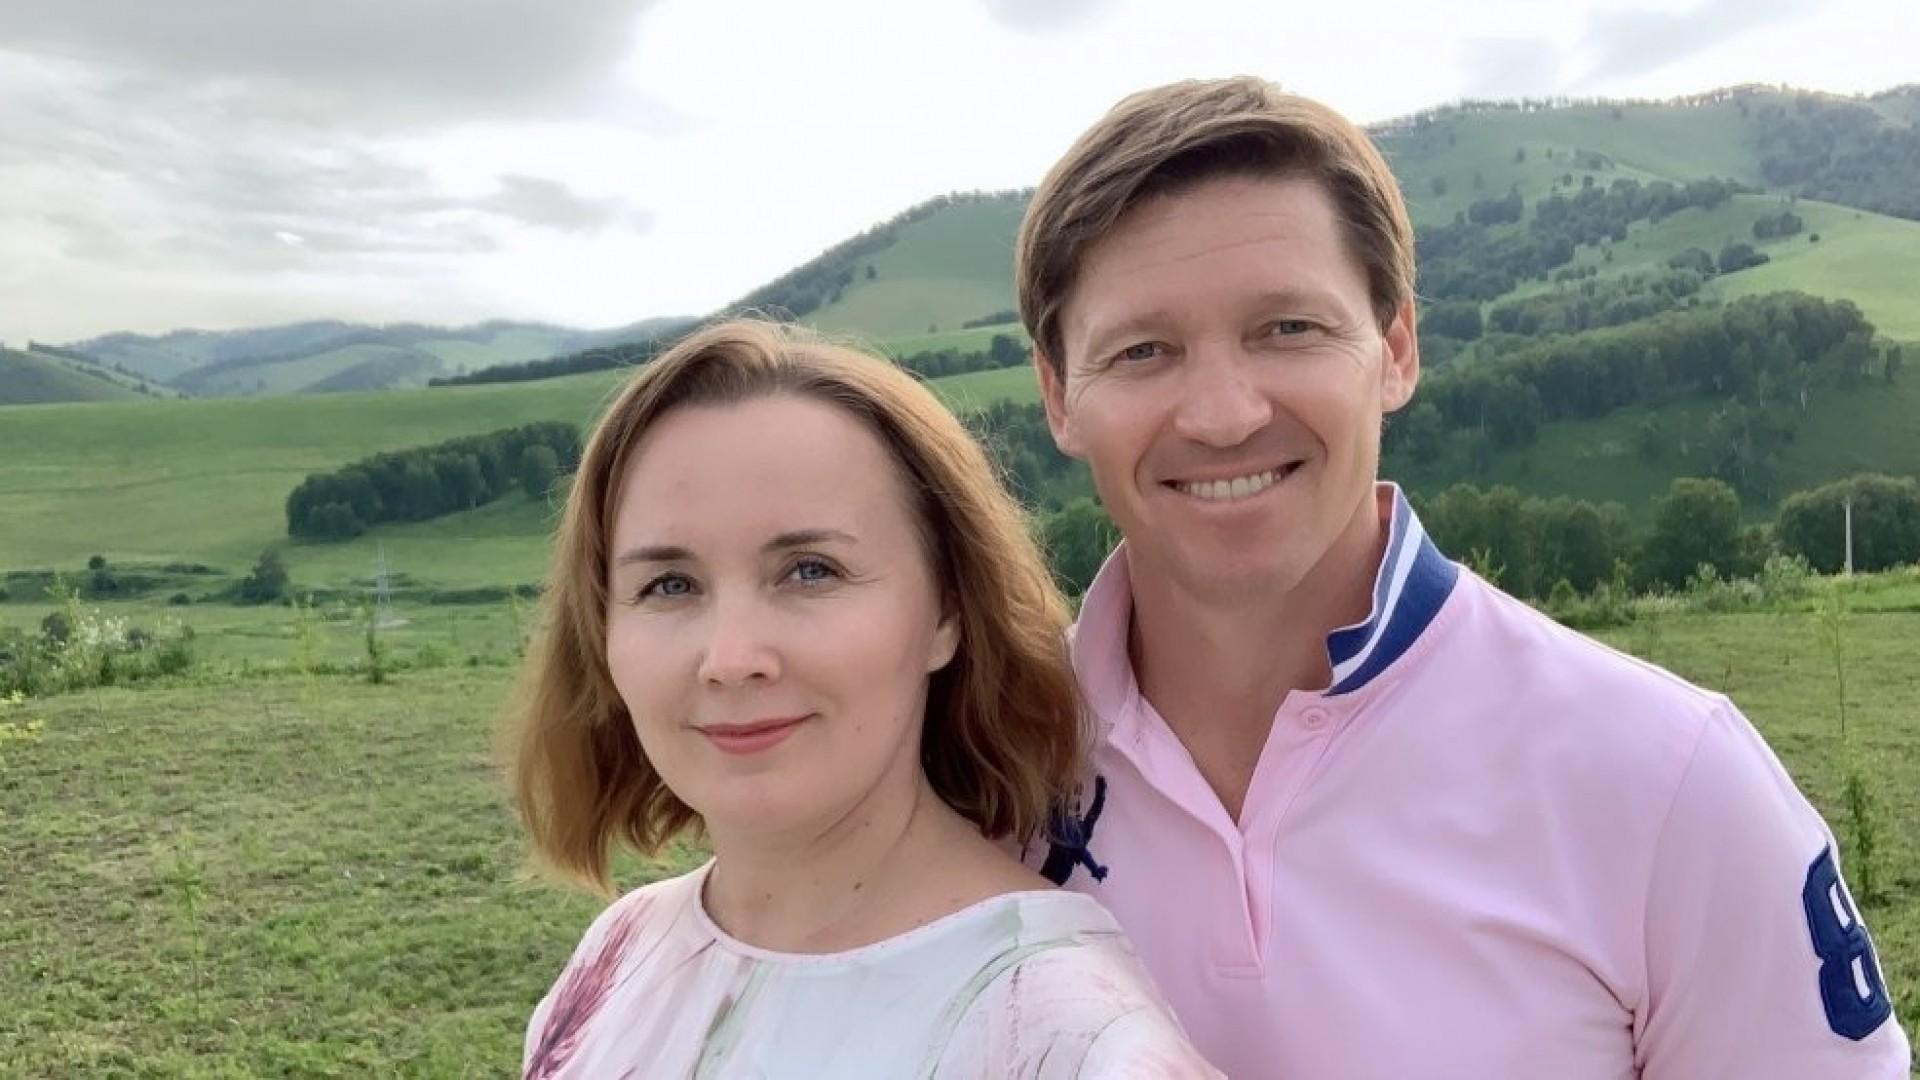 Эдуард и Анастасия Вараксины: «Осознанные отношения — это мастерство и путь духовного роста»